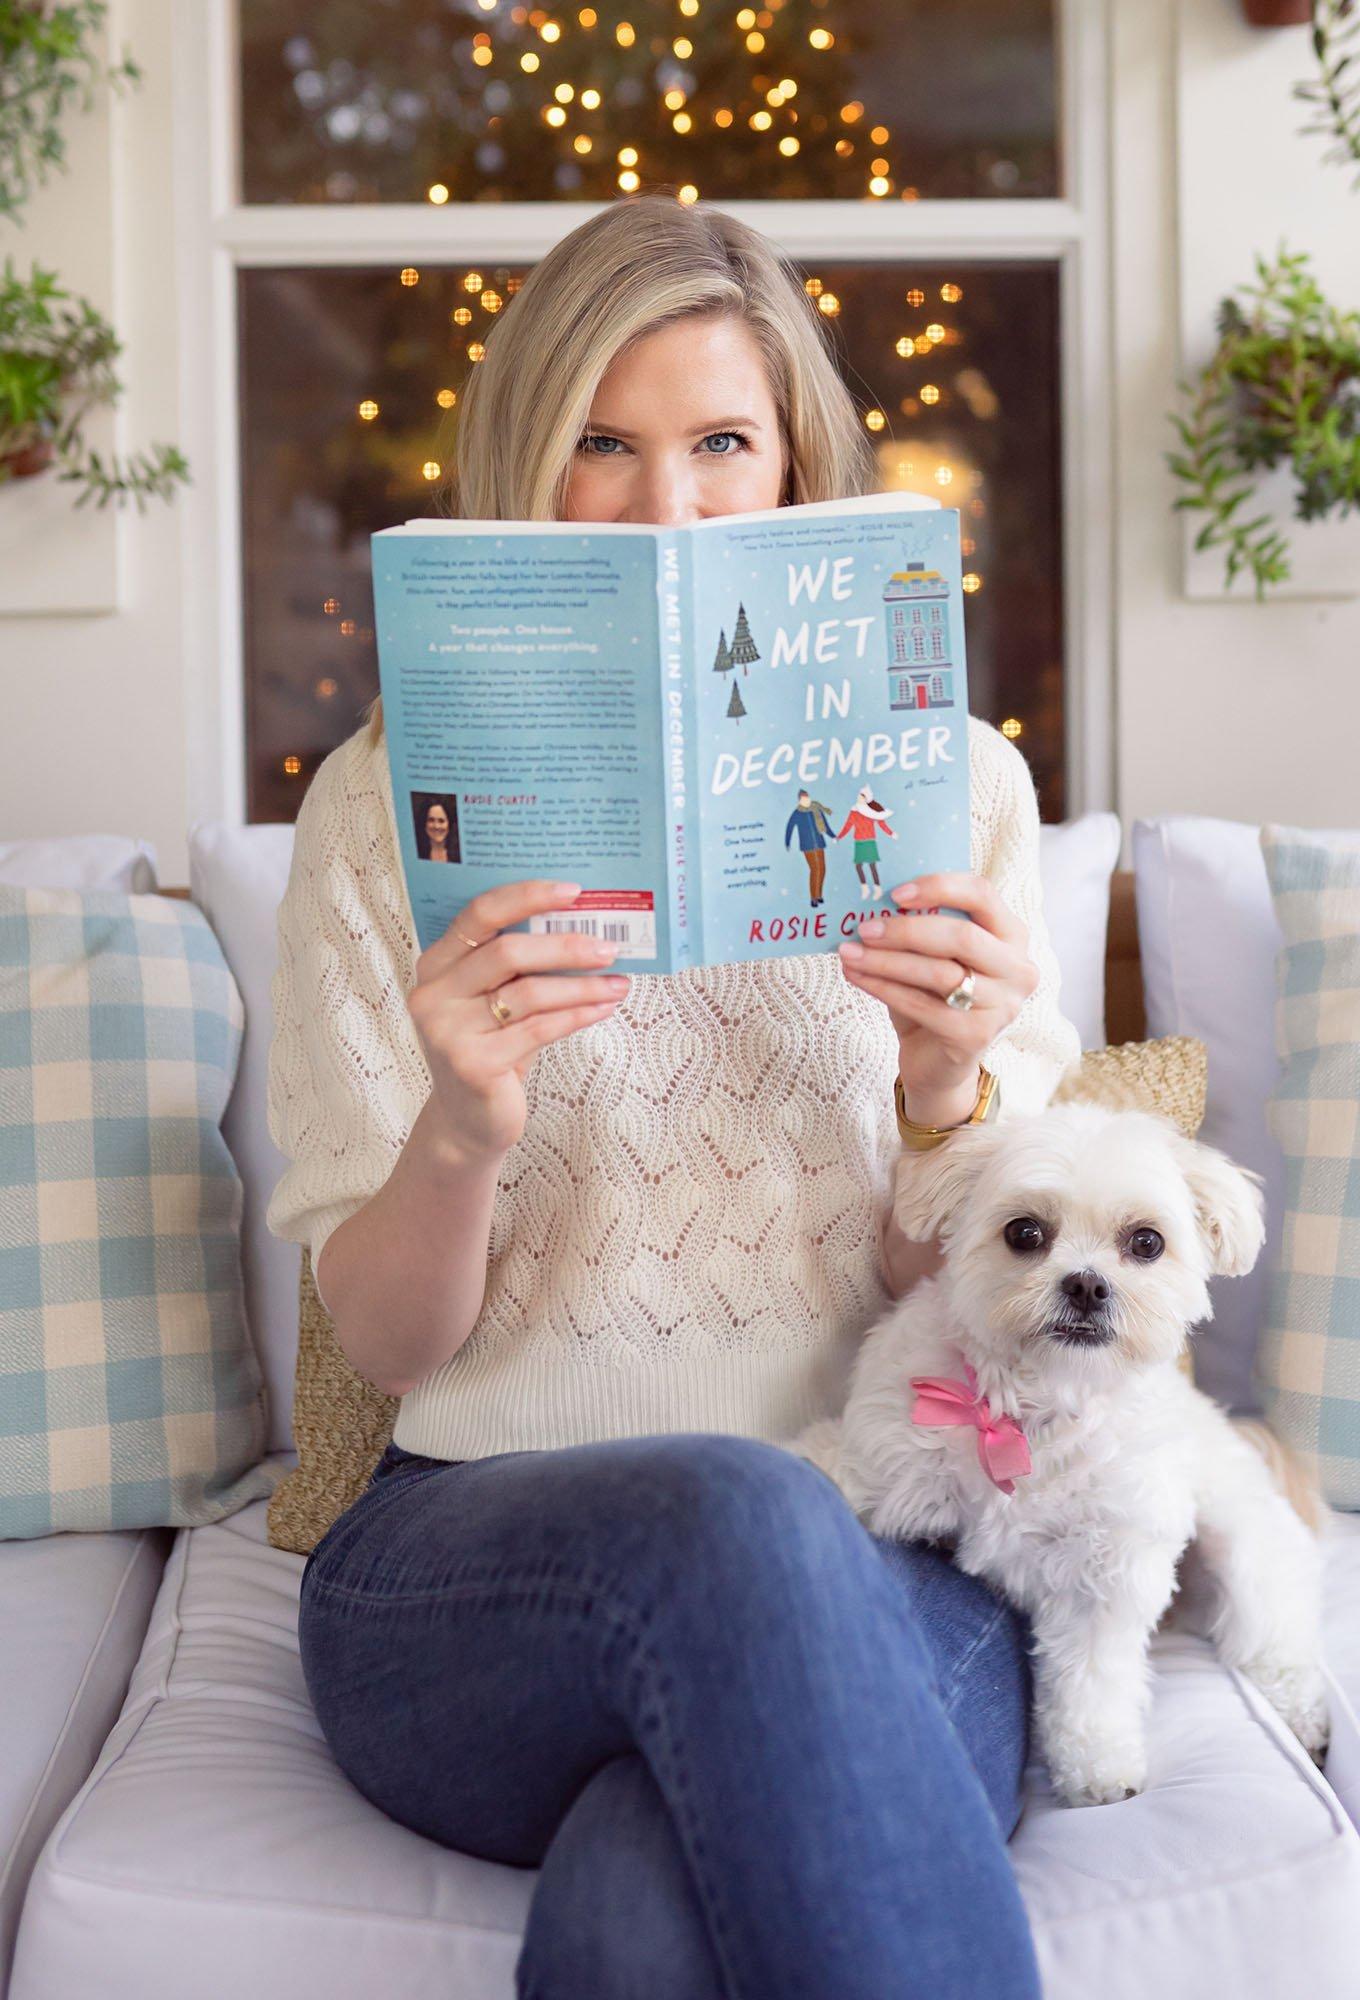 Ashley Brooke Book Club - We Met In December - Ver 2